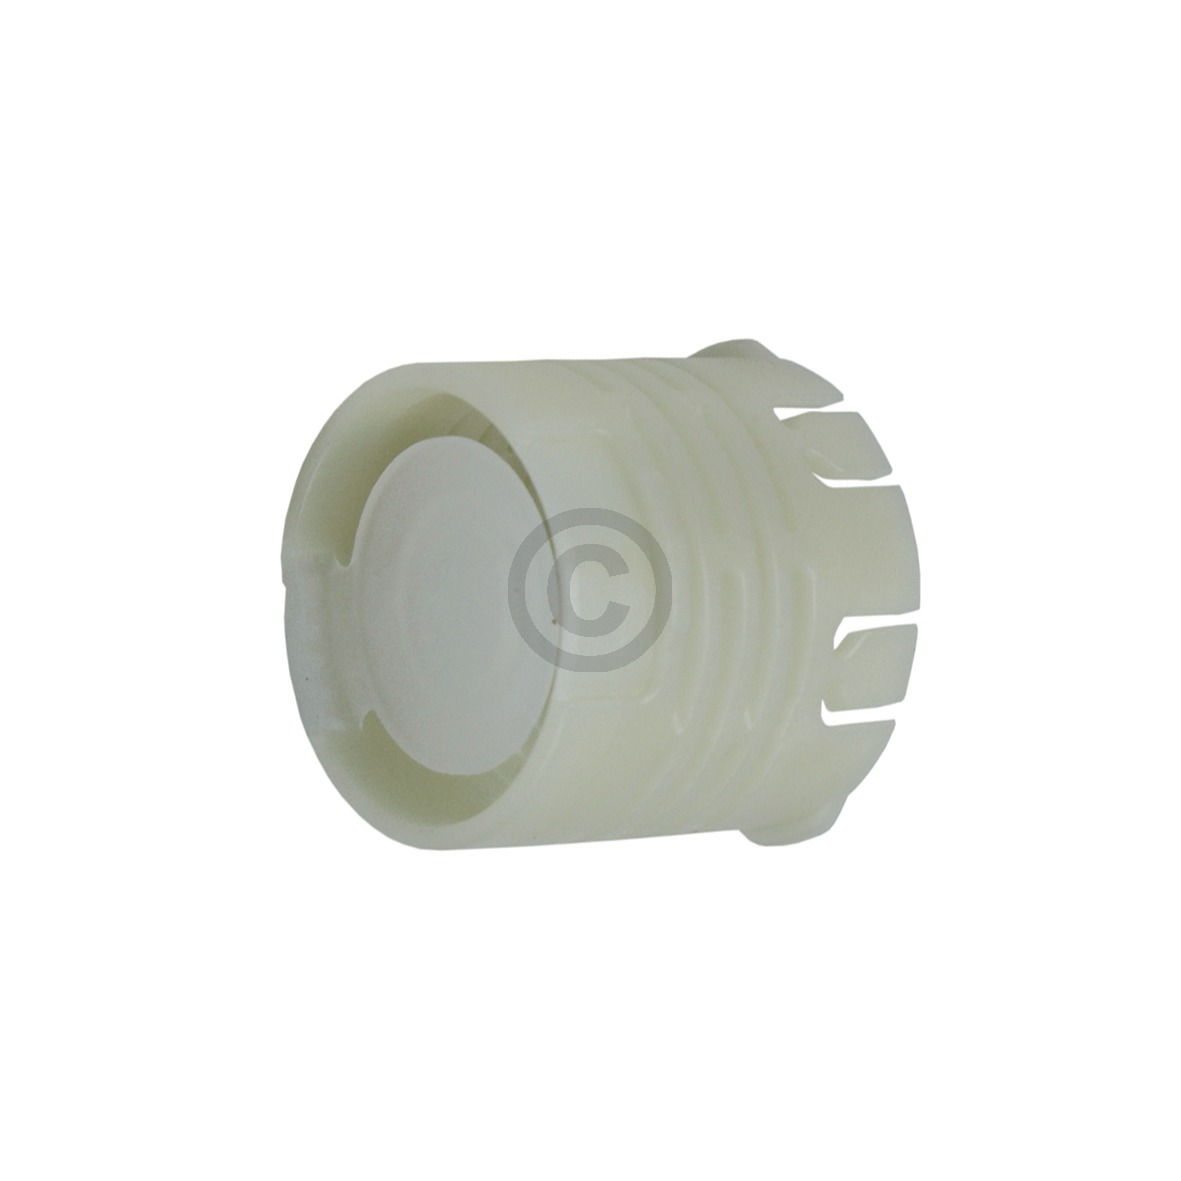 Rückschlagventil für Sammeltopf Bosch 00611320 Bosch, Siemens, Neff